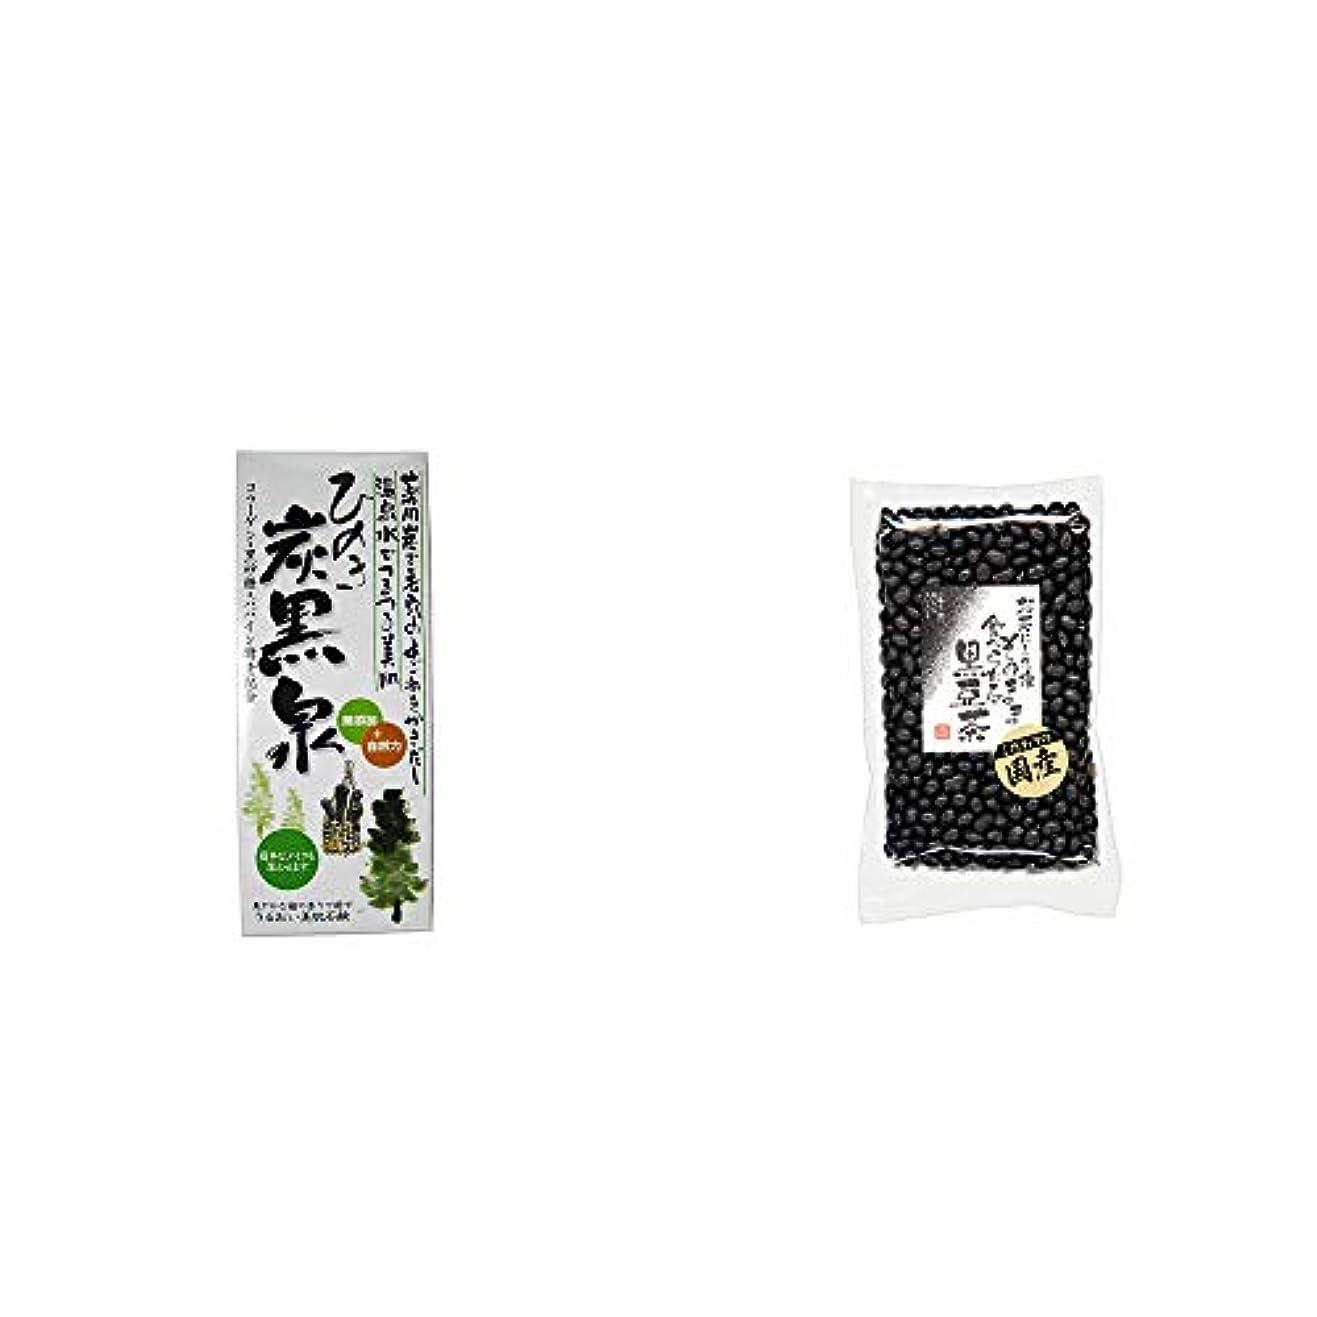 ガチョウ農夫ぶら下がる[2点セット] ひのき炭黒泉 箱入り(75g×3)?国産 黒豆茶(200g)